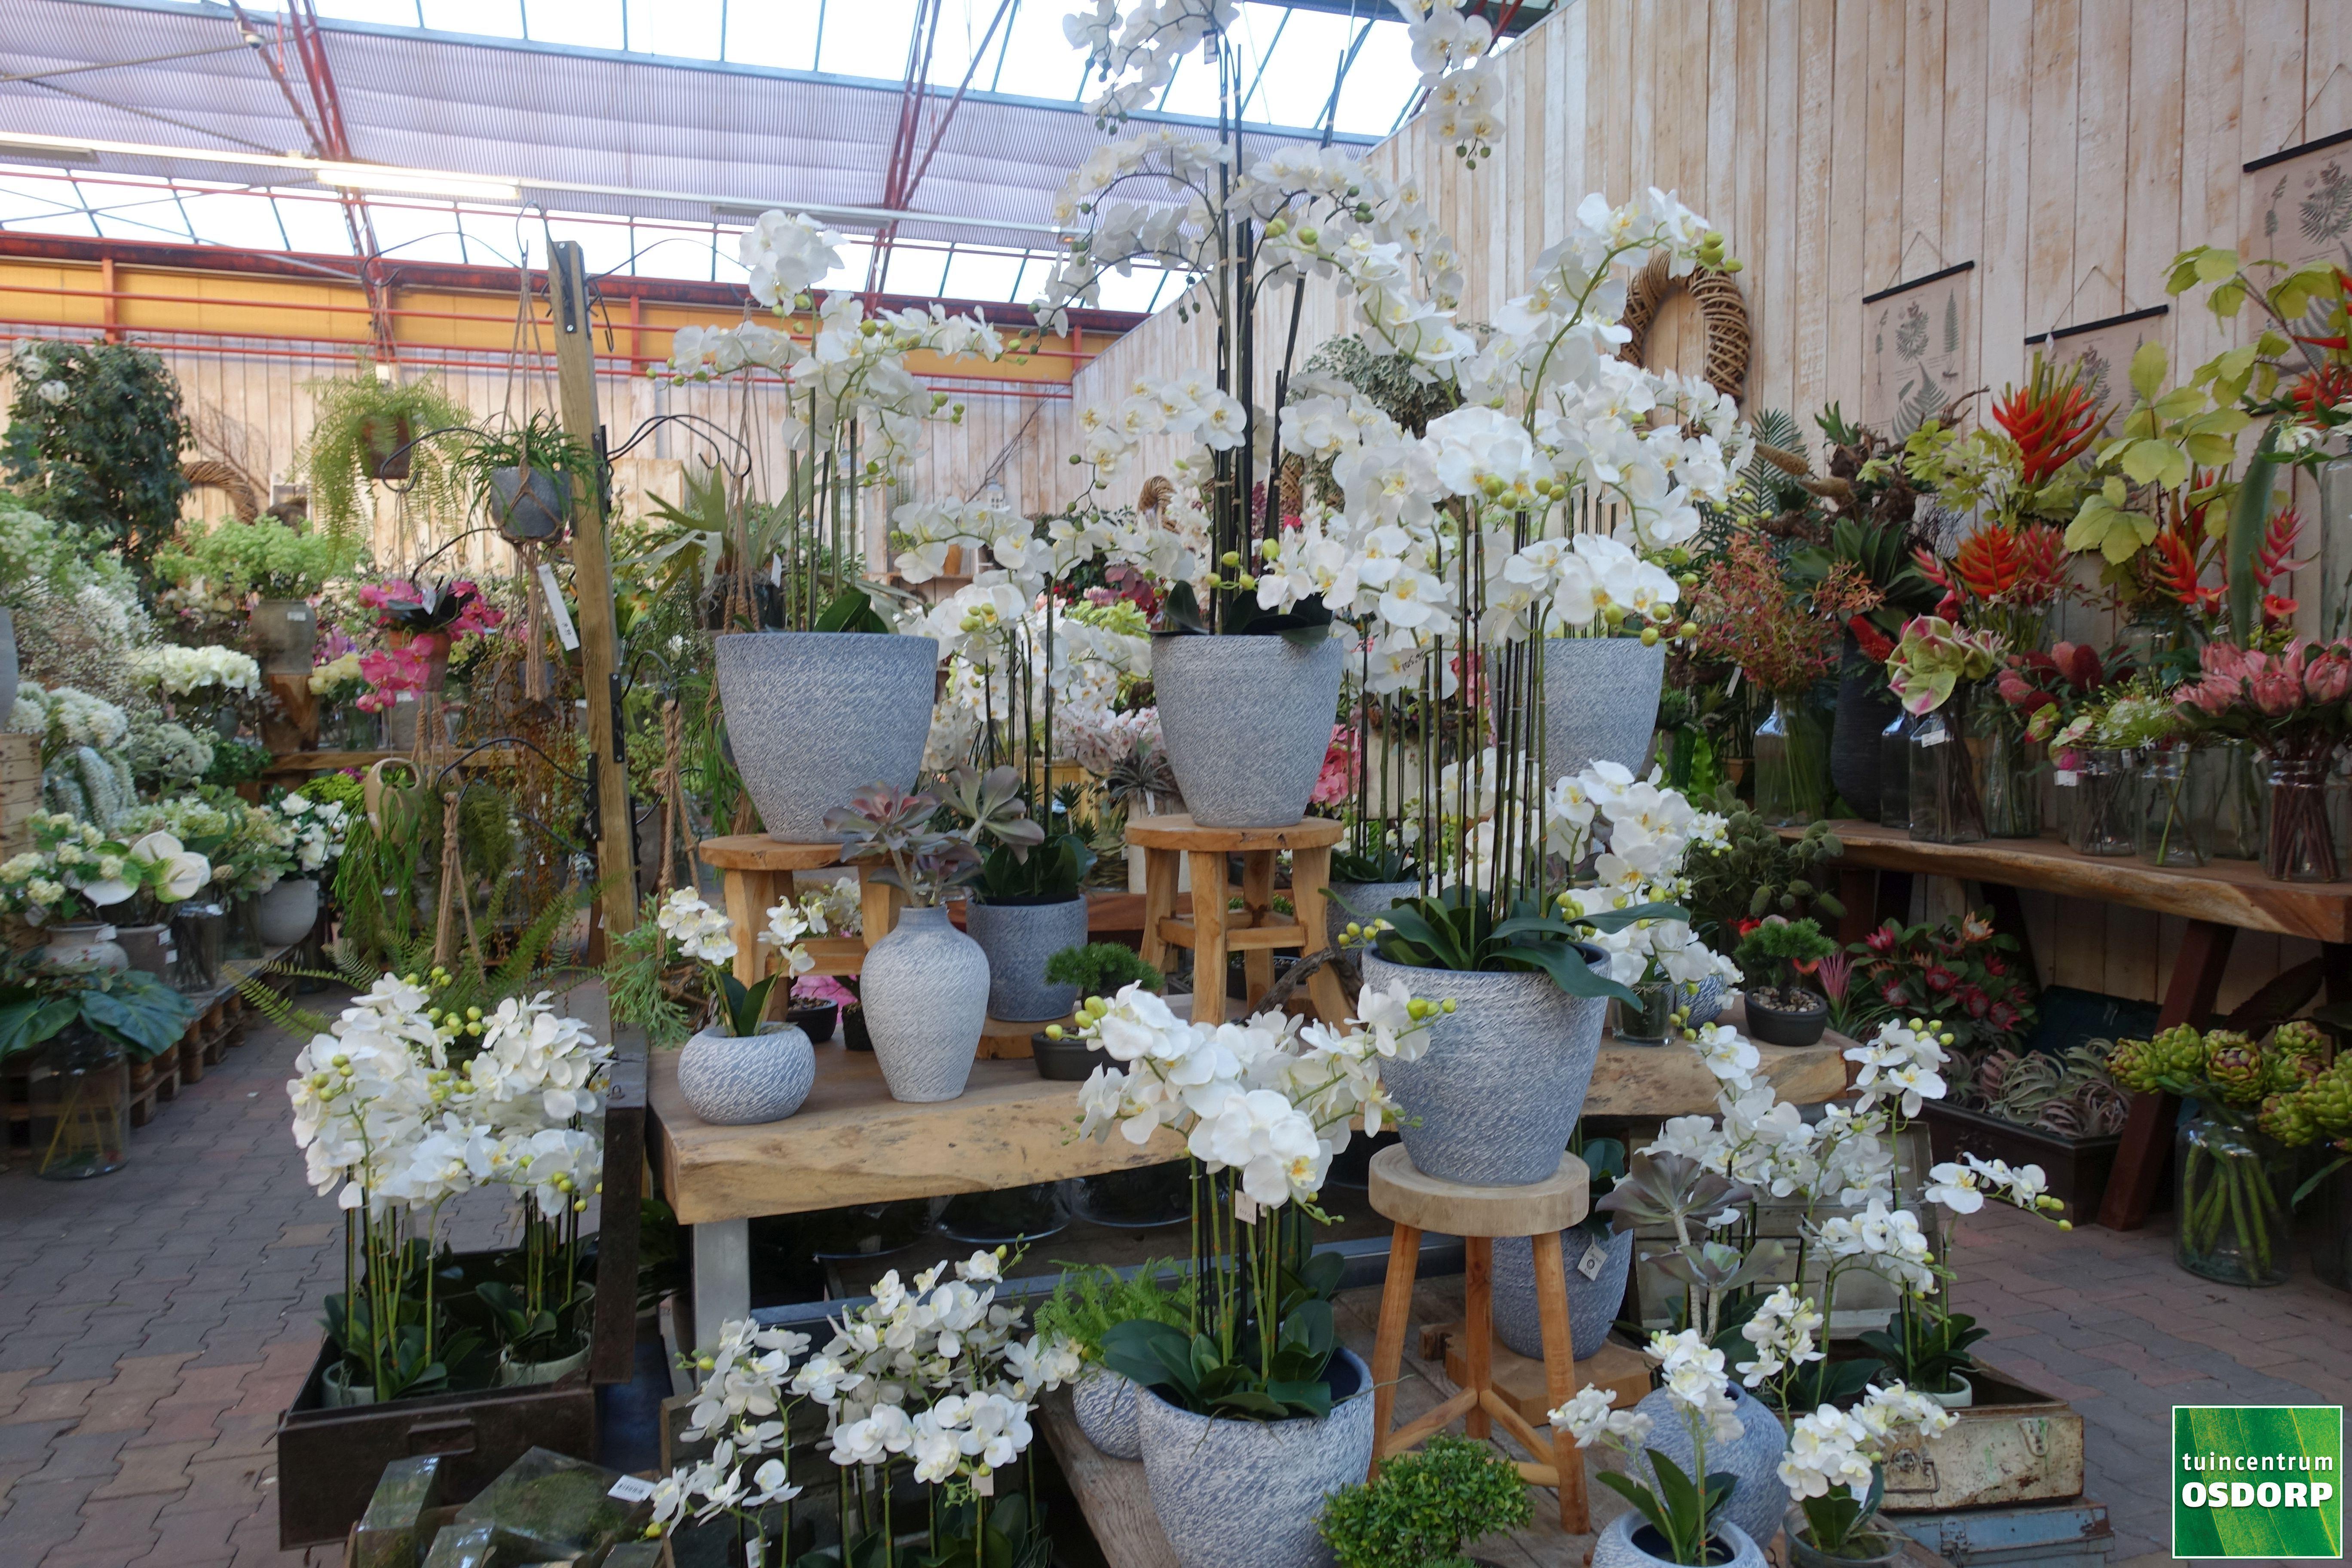 Bloemstukken met zijde bloemen bij tuincentrum osdorp for Tuincentrum amsterdam